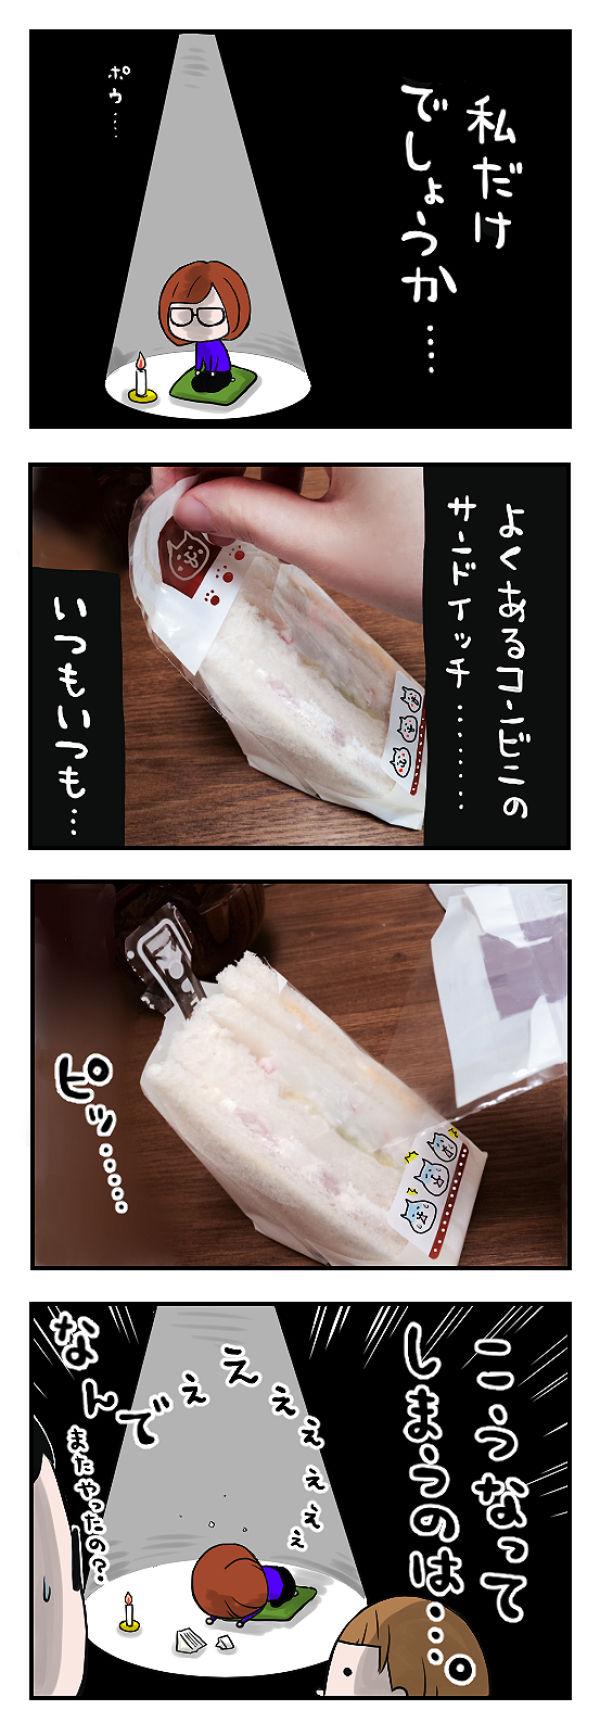 24 呪いのサンドイッチ。600jpeg